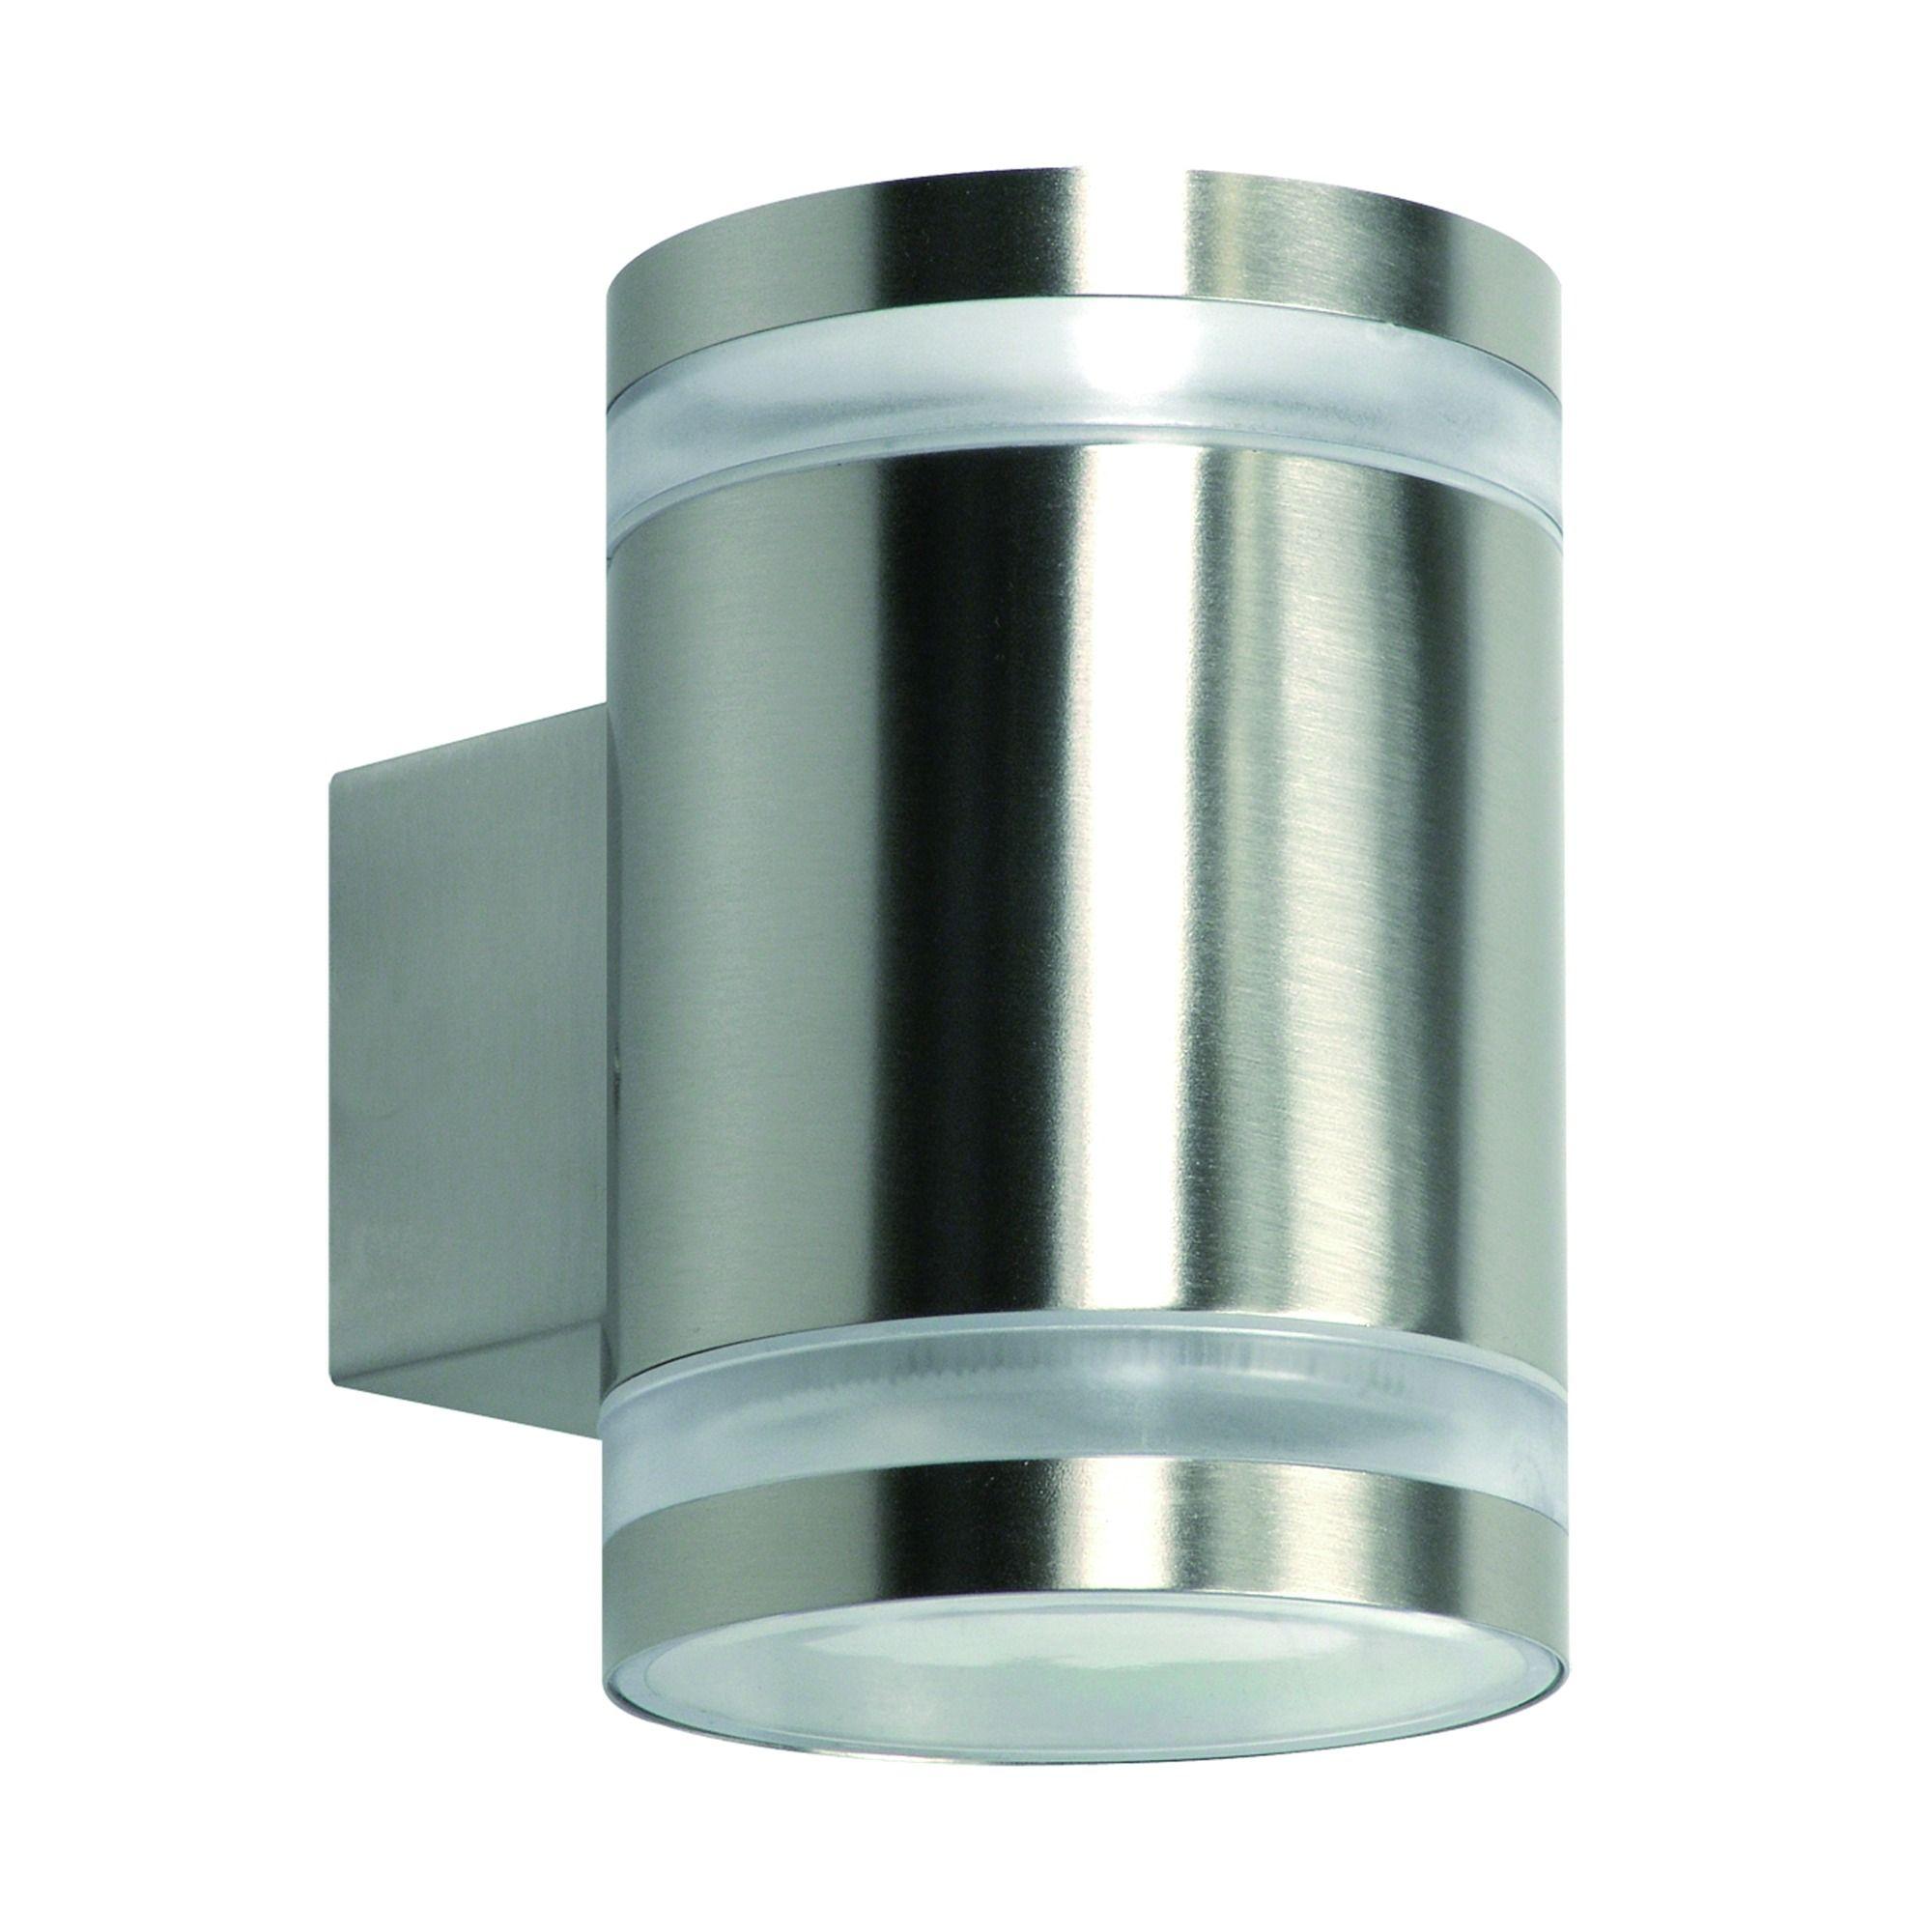 Buitenlamp Met Sensor Gamma.Gamma Wandlamp Bristol Met 2 Ledlampen Gx53 9w Inox